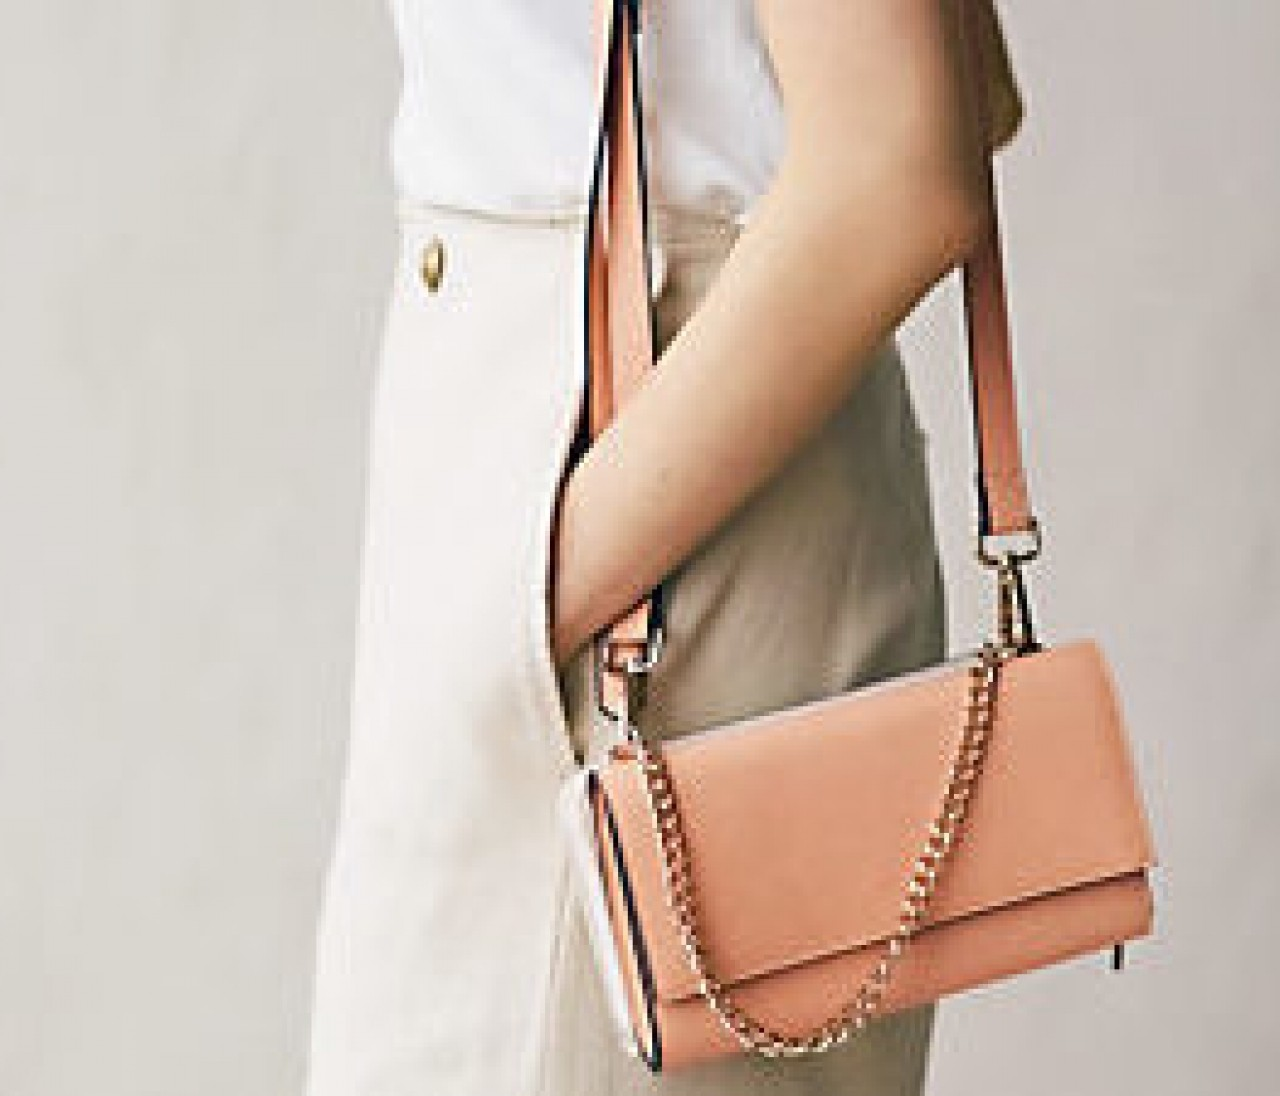 マチありショルダーバッグはクラッチにもお財布にもなるんです【晴れた日のポチりたガール】